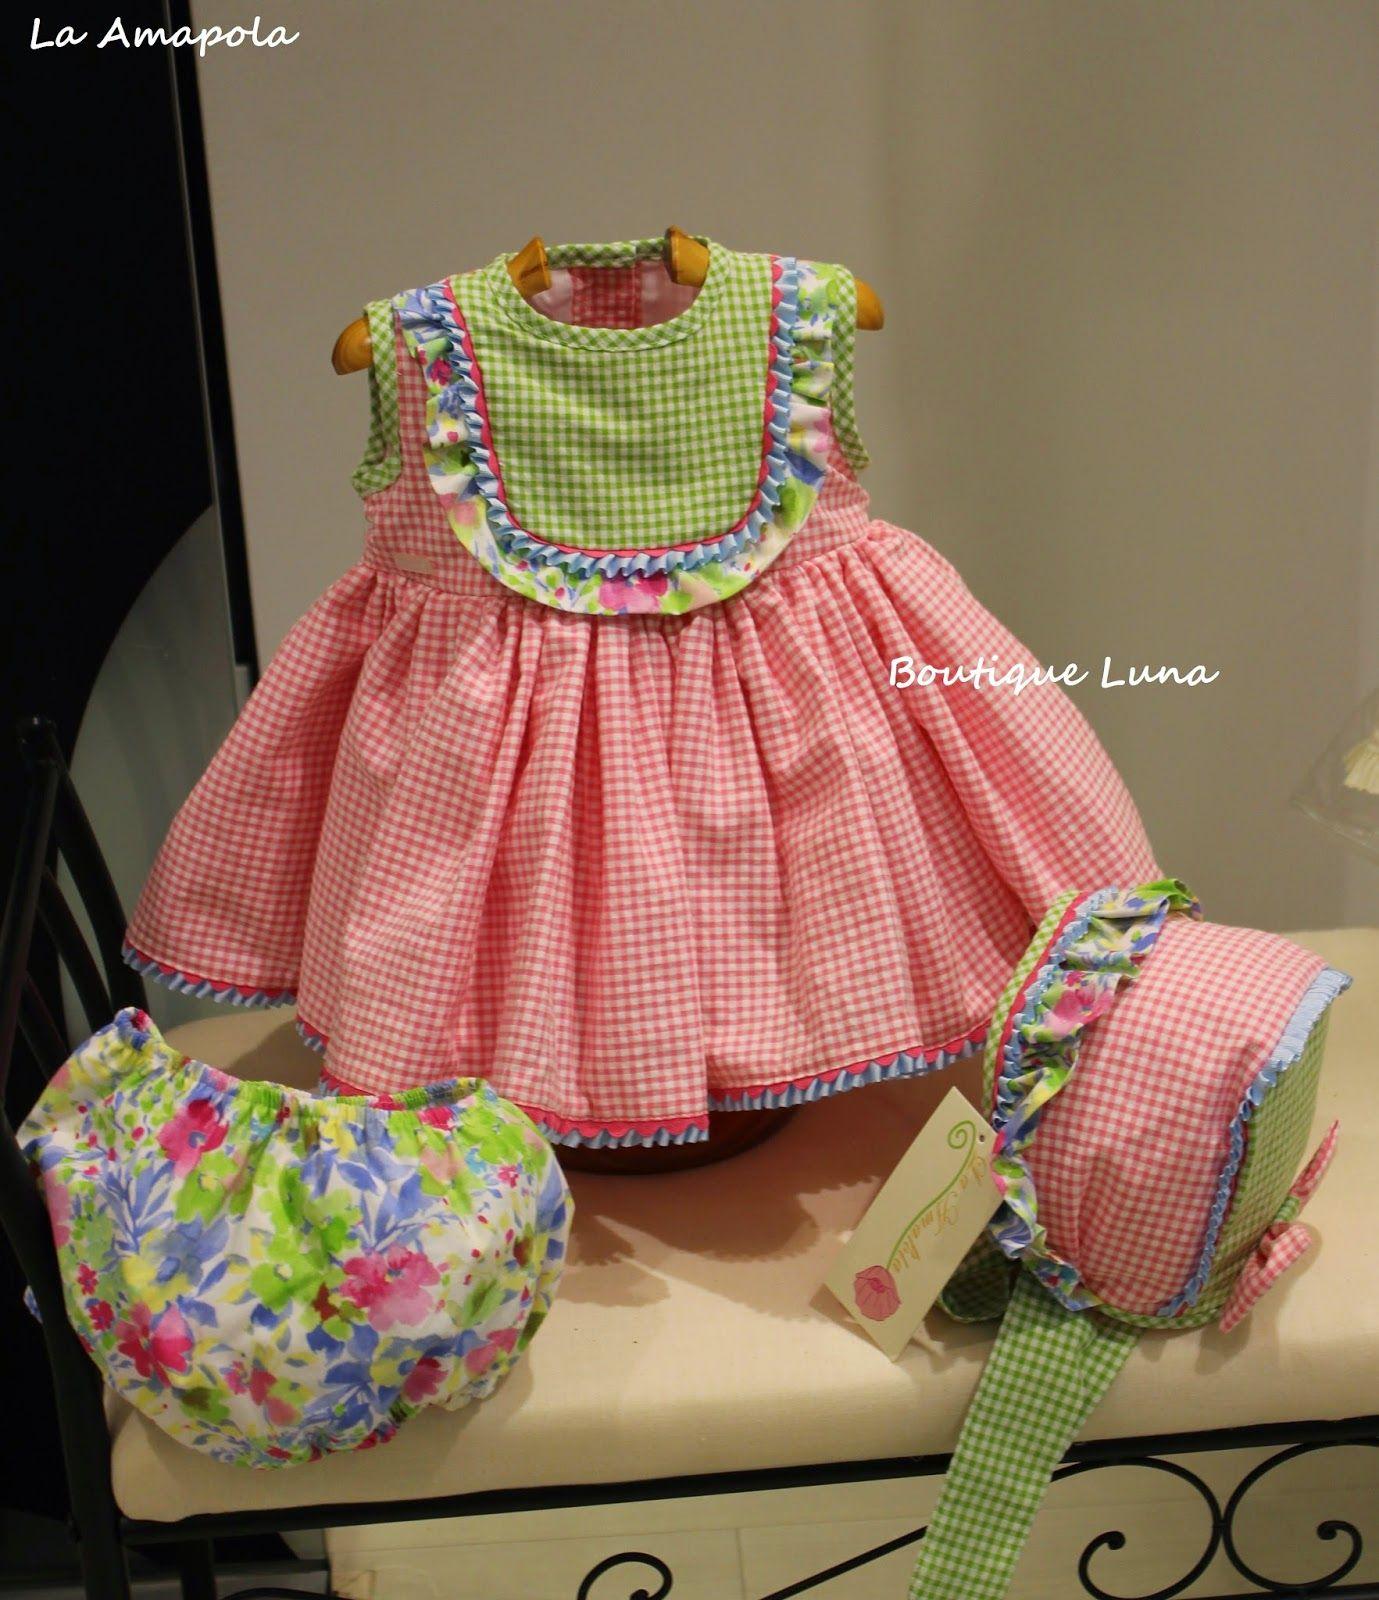 Pink dress baby  BOUTIQUE LUNA  LA AMAPOLA al   childrens clothing  Pinterest